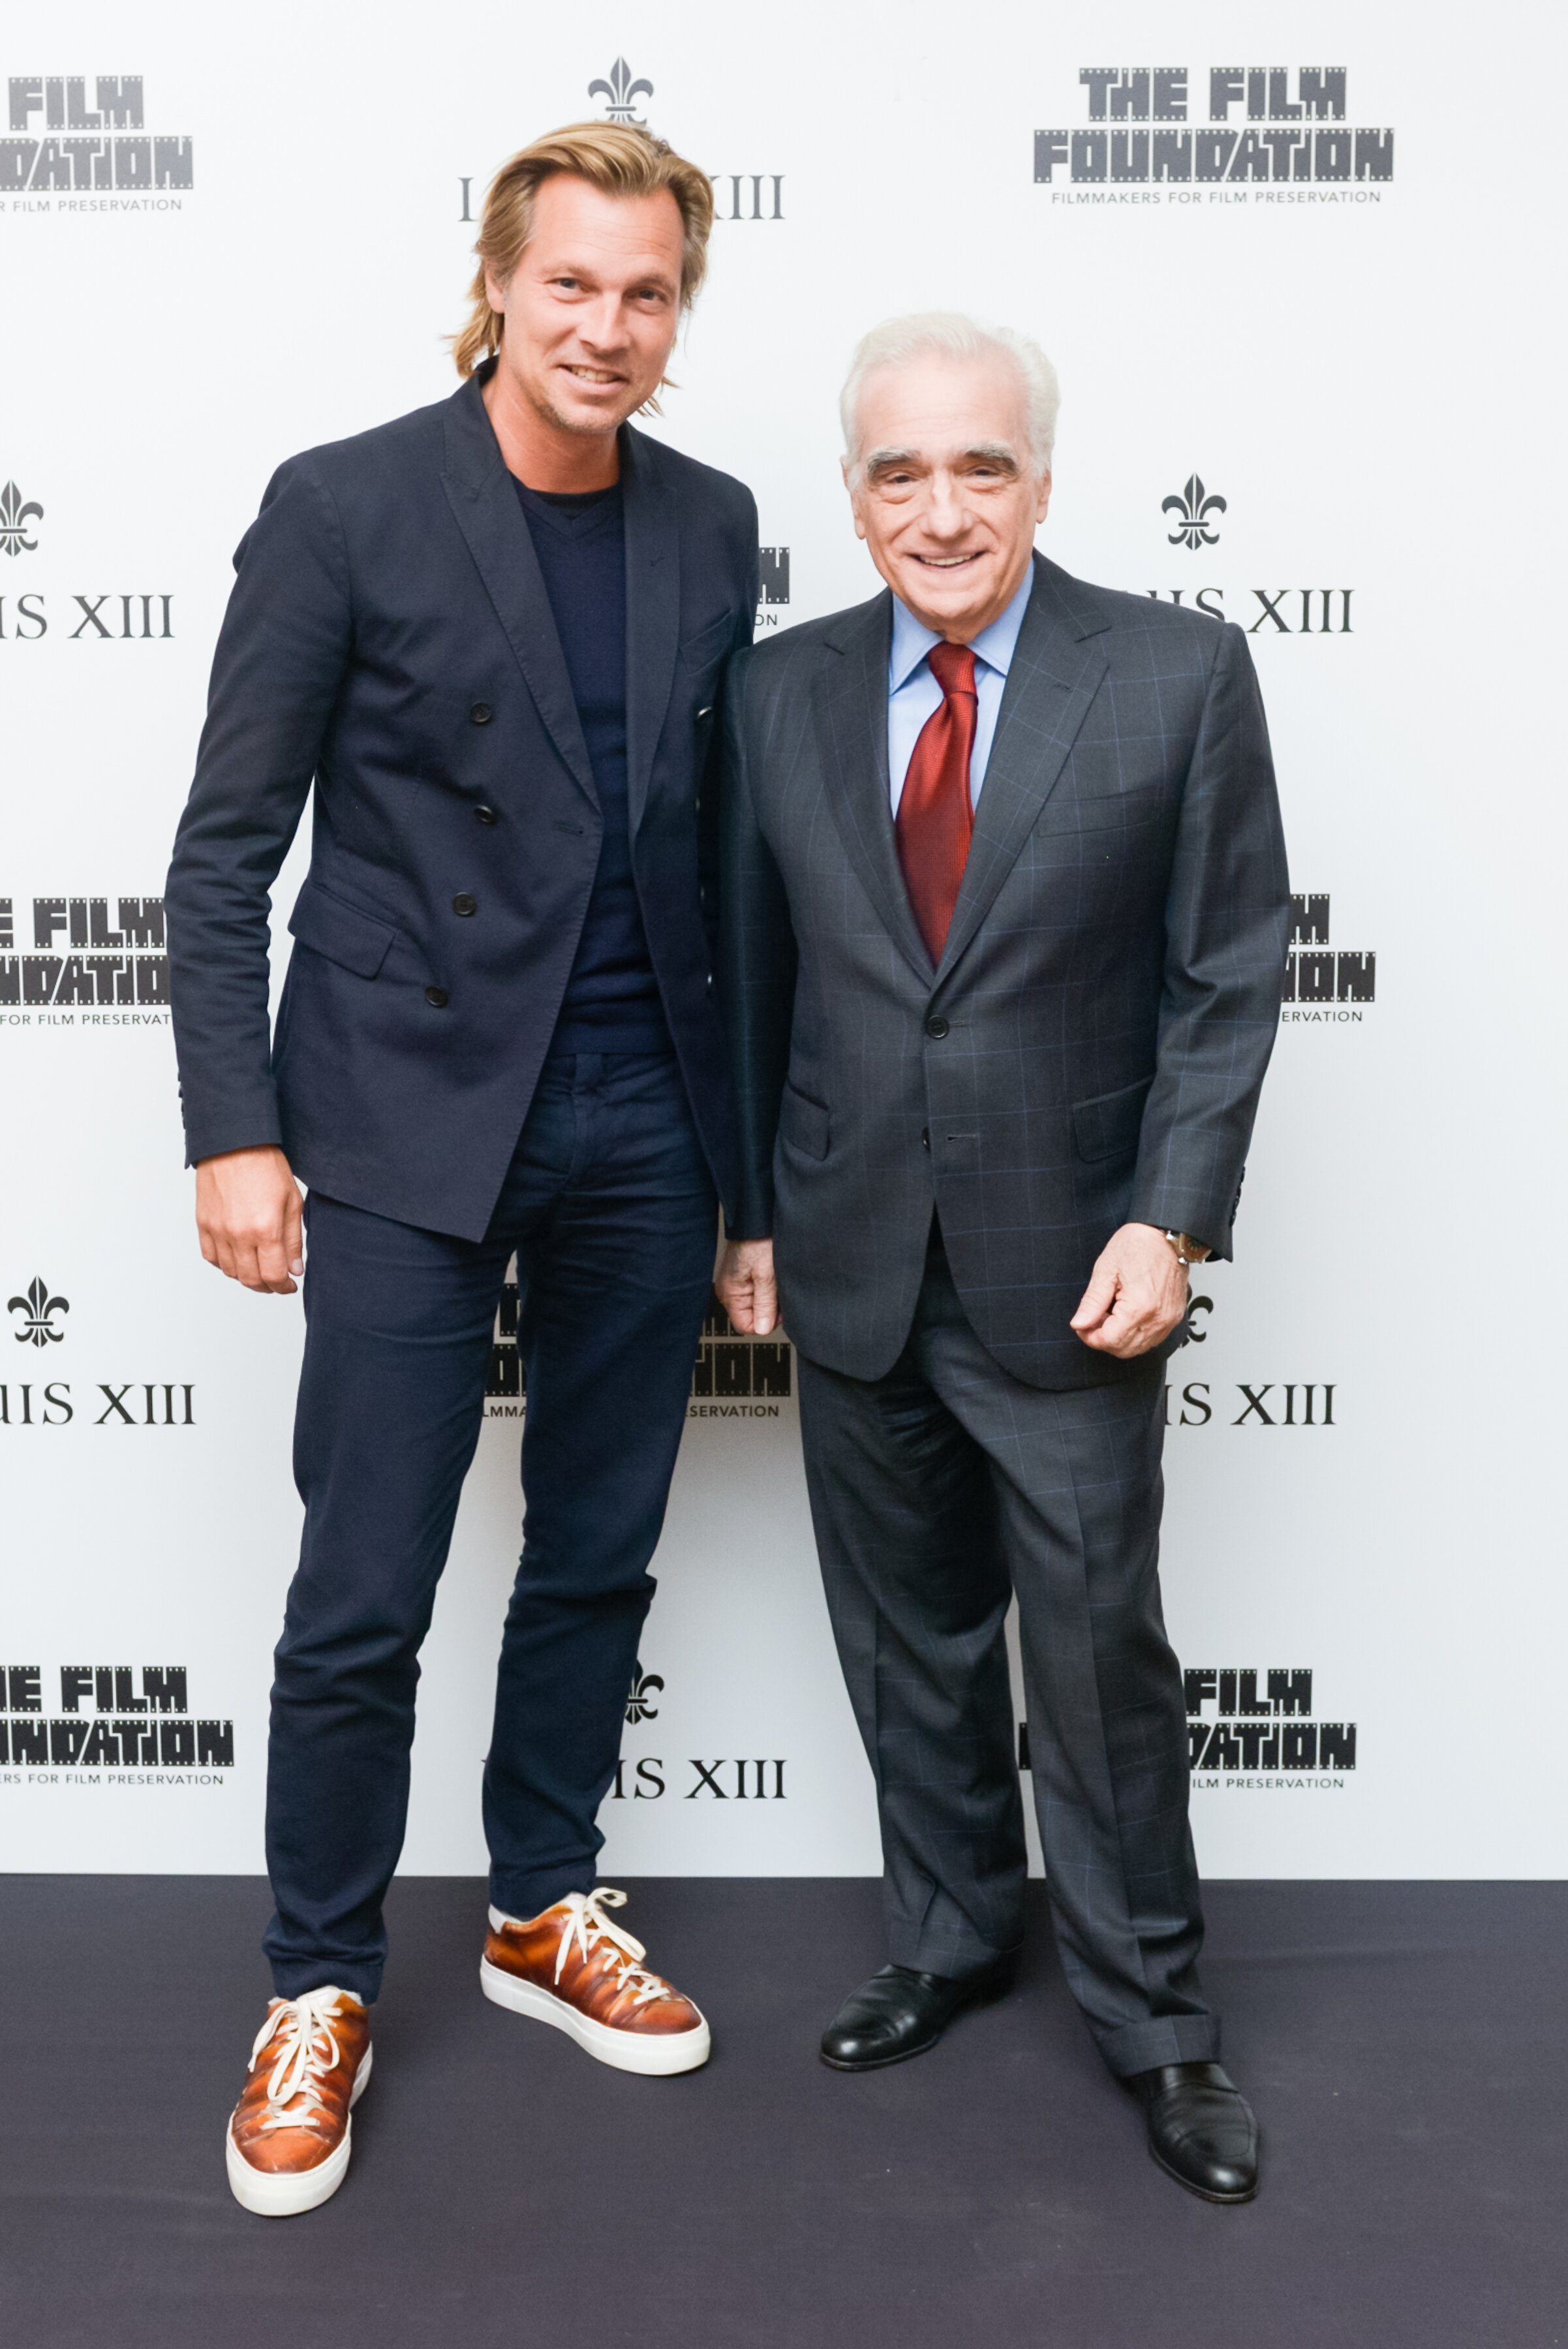 Ludovic du Plessis and Martin Scorsese courtesy of BFA